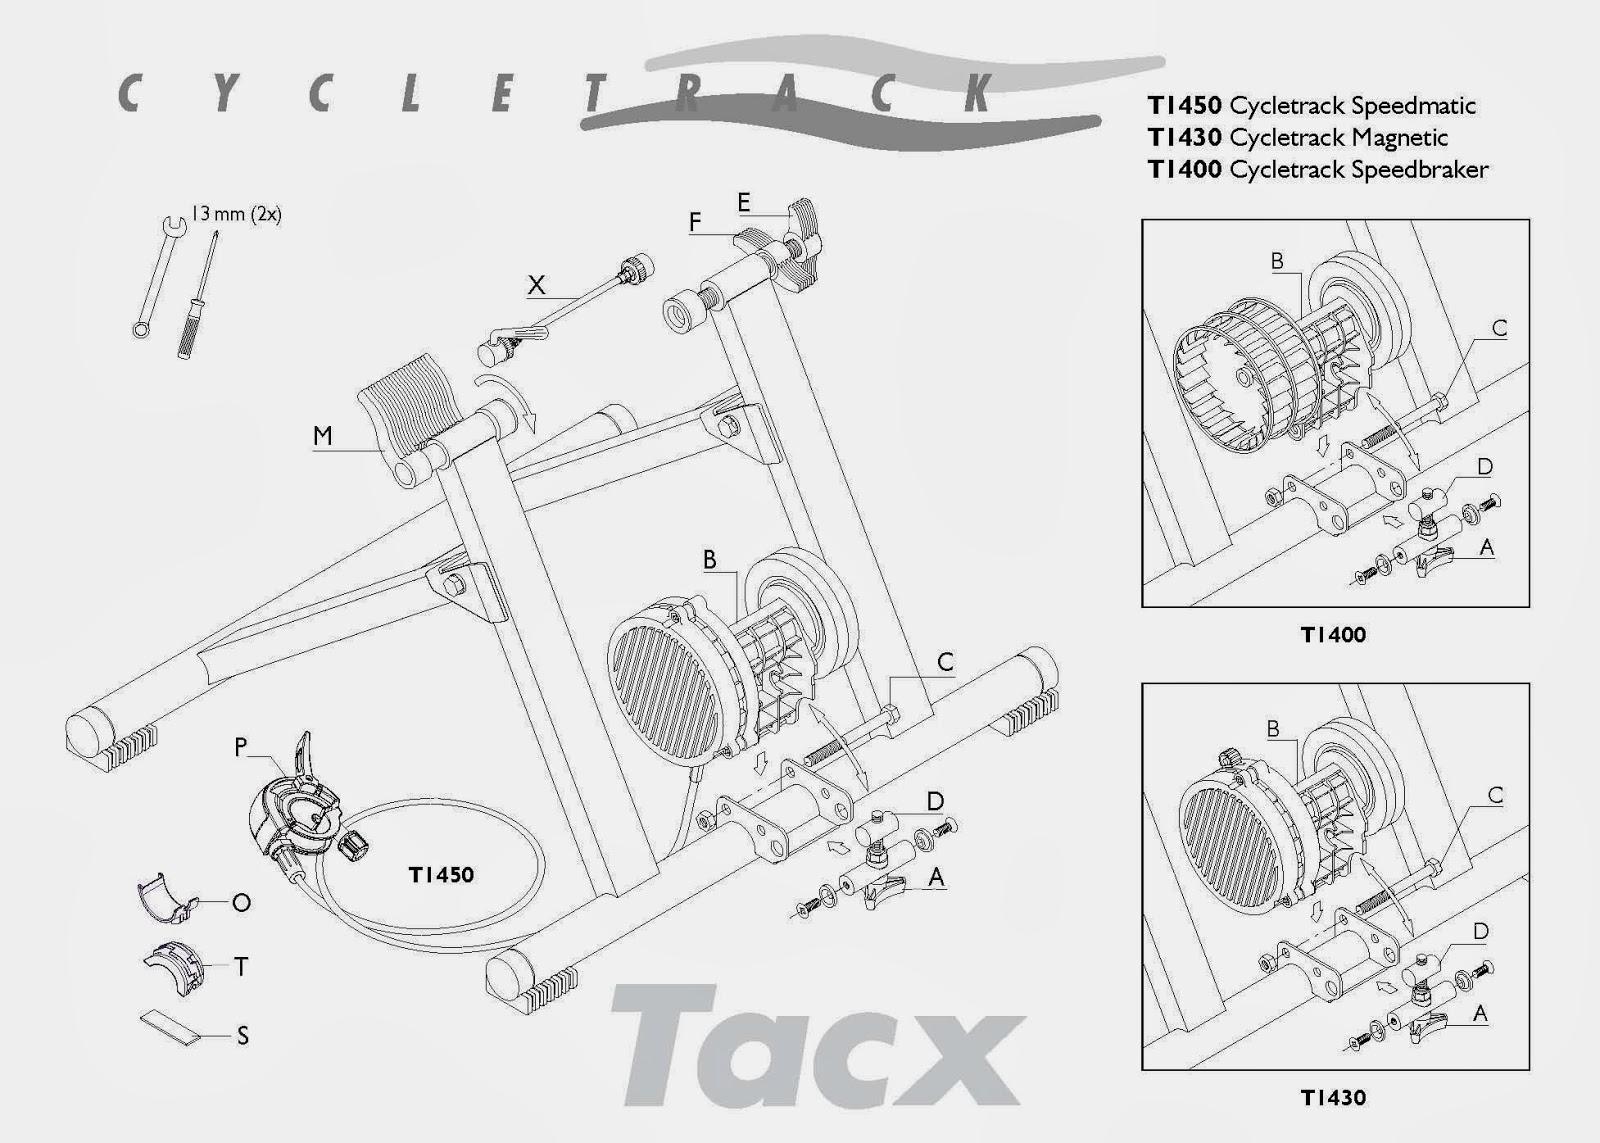 Manual de Instrucciones Tacx T1400